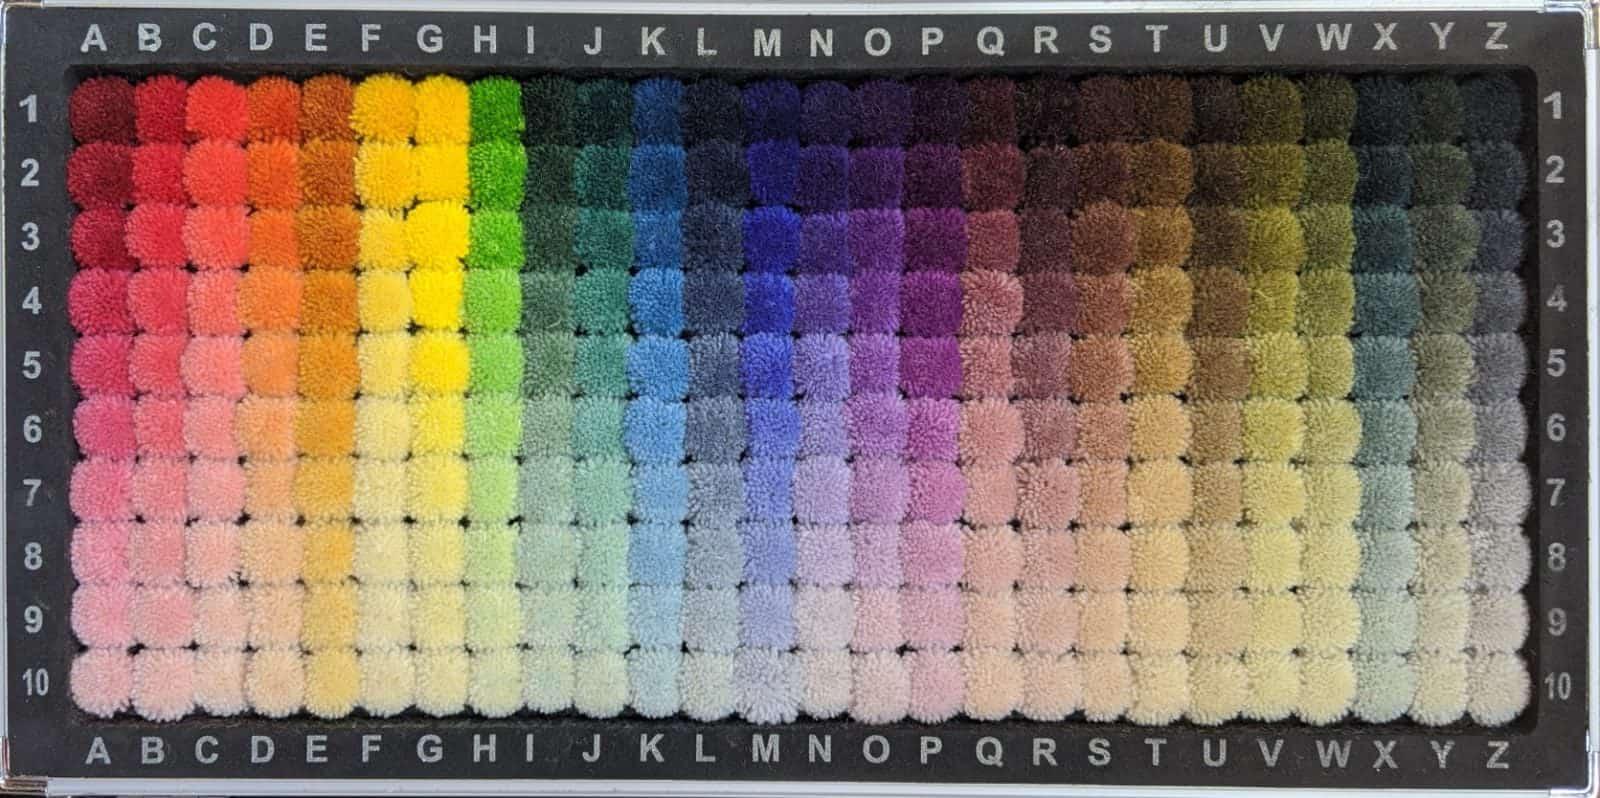 羊毛地毯 Wool Carpet WhatsApp Image 2020 03 21 at 14.03.47 1 rotated